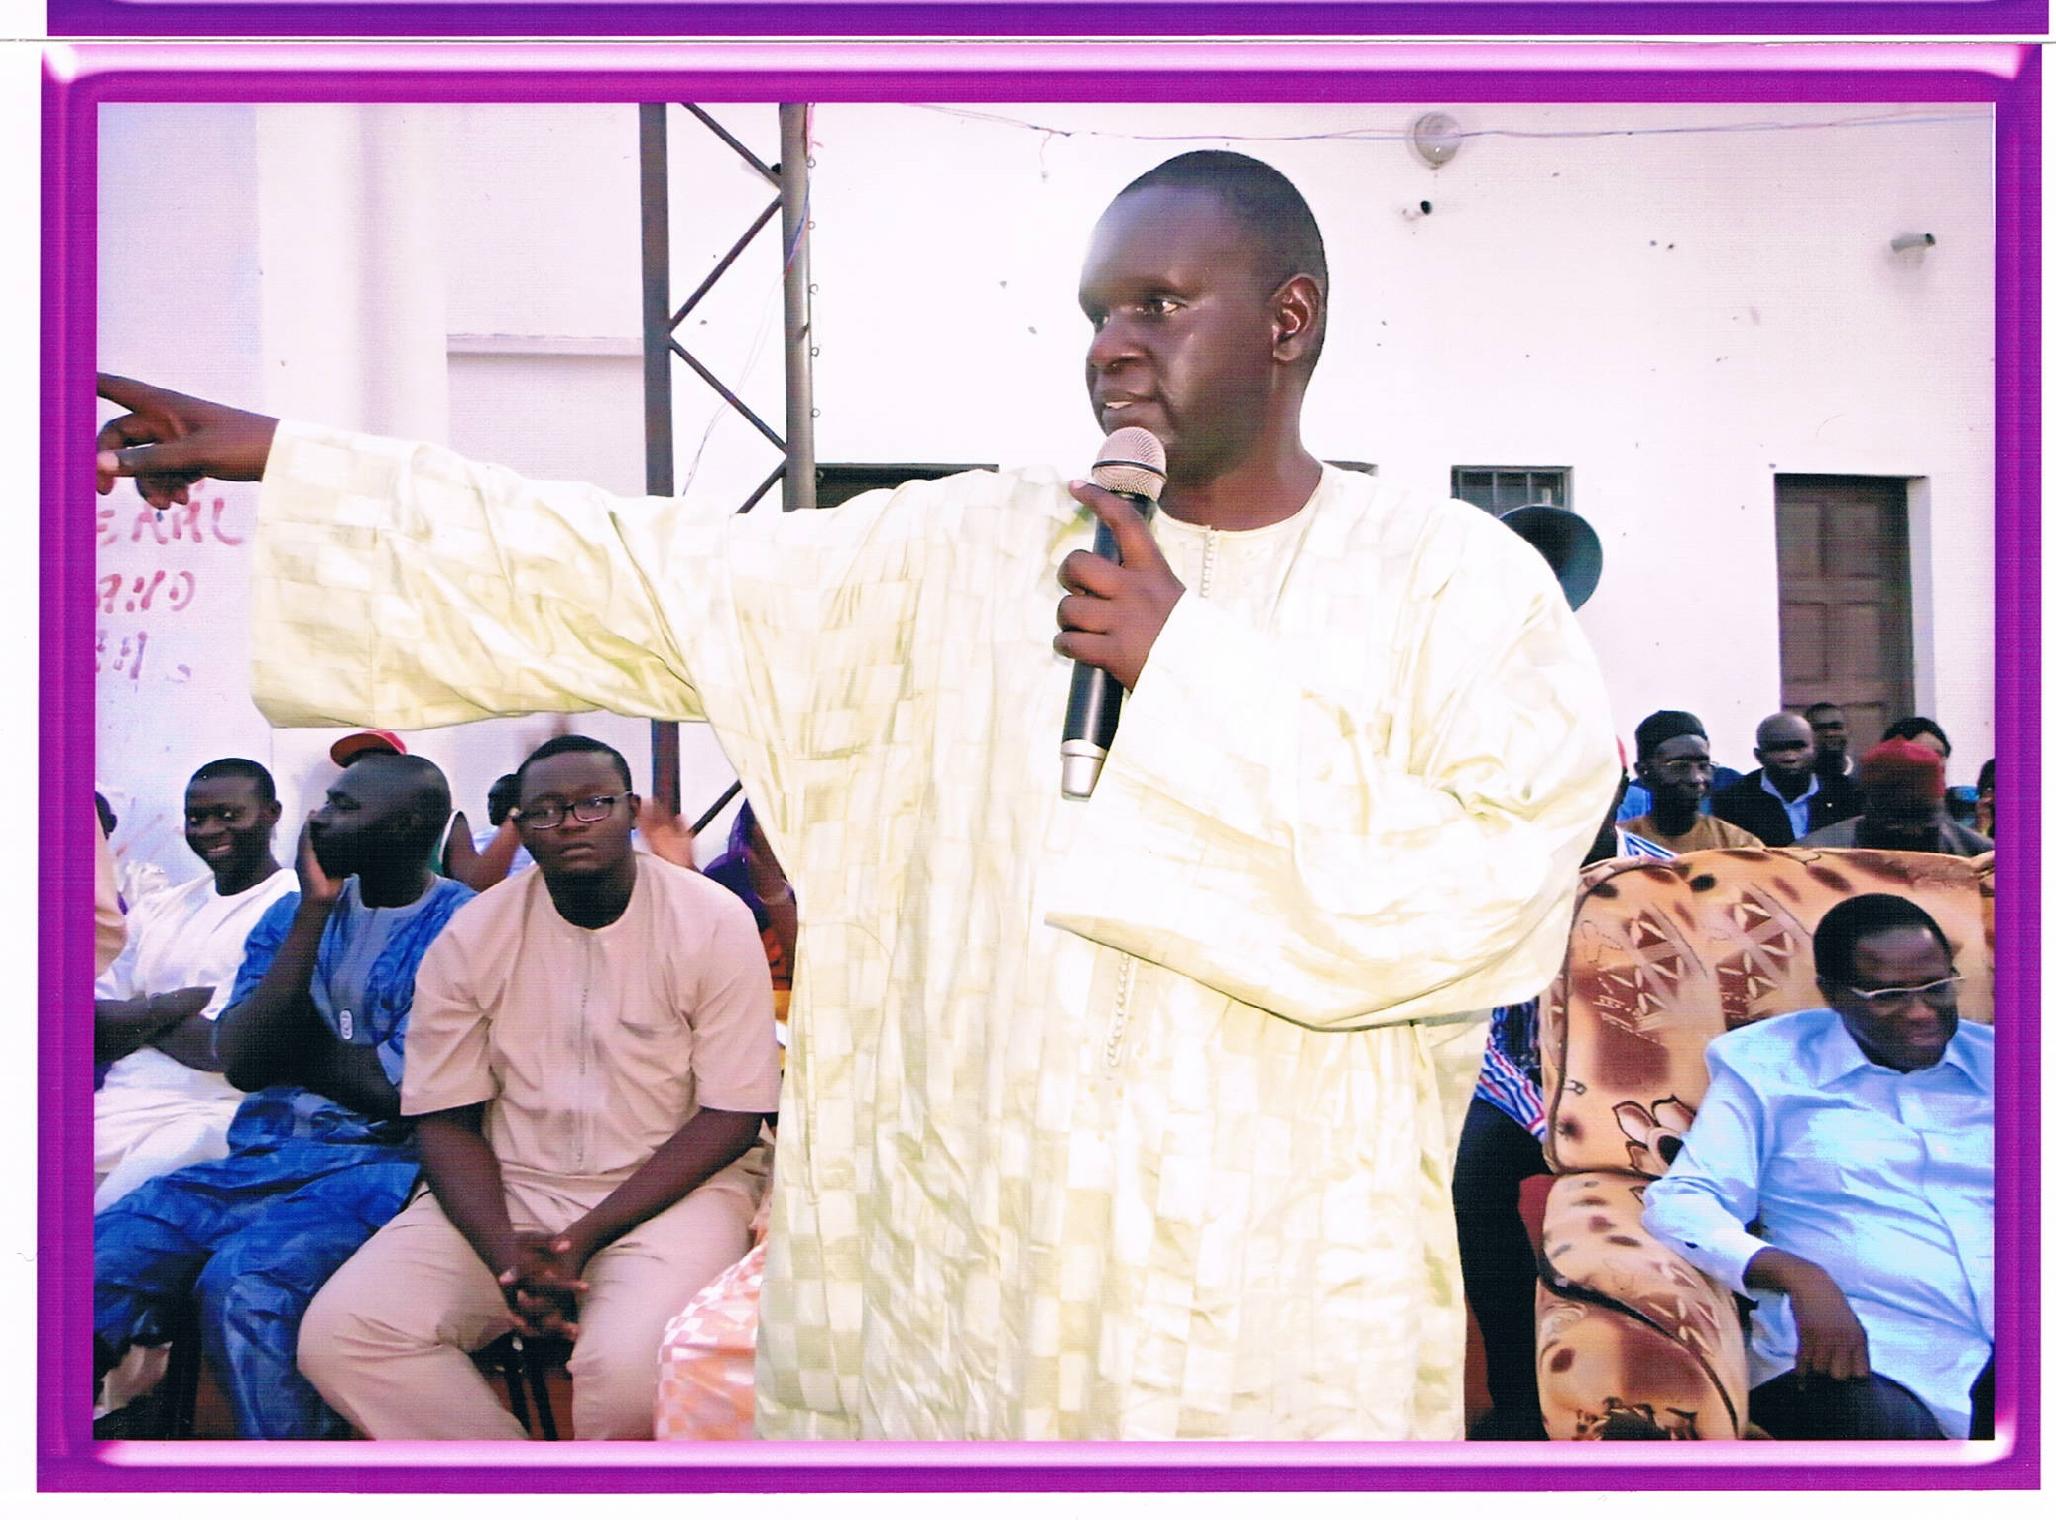 Thiés : Ibrahima wade, un sénégalais de la diaspora de Belgique à la conquête de la maire de Thiès-nord